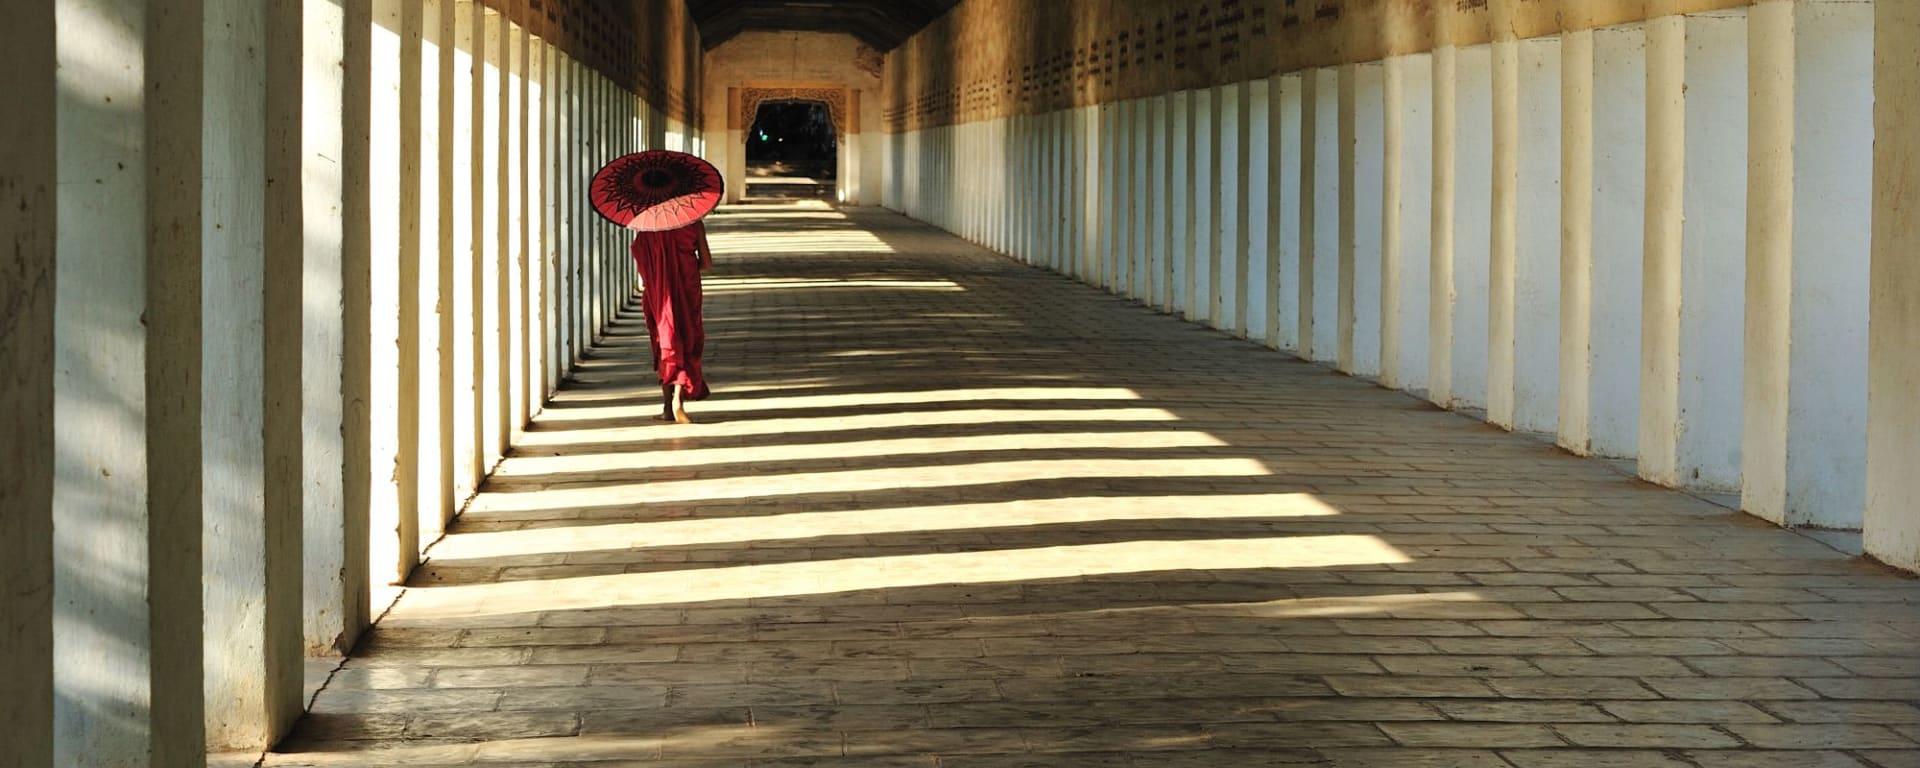 Wissenswertes zu Myanmar Reisen und Ferien: Young Buddhist monk